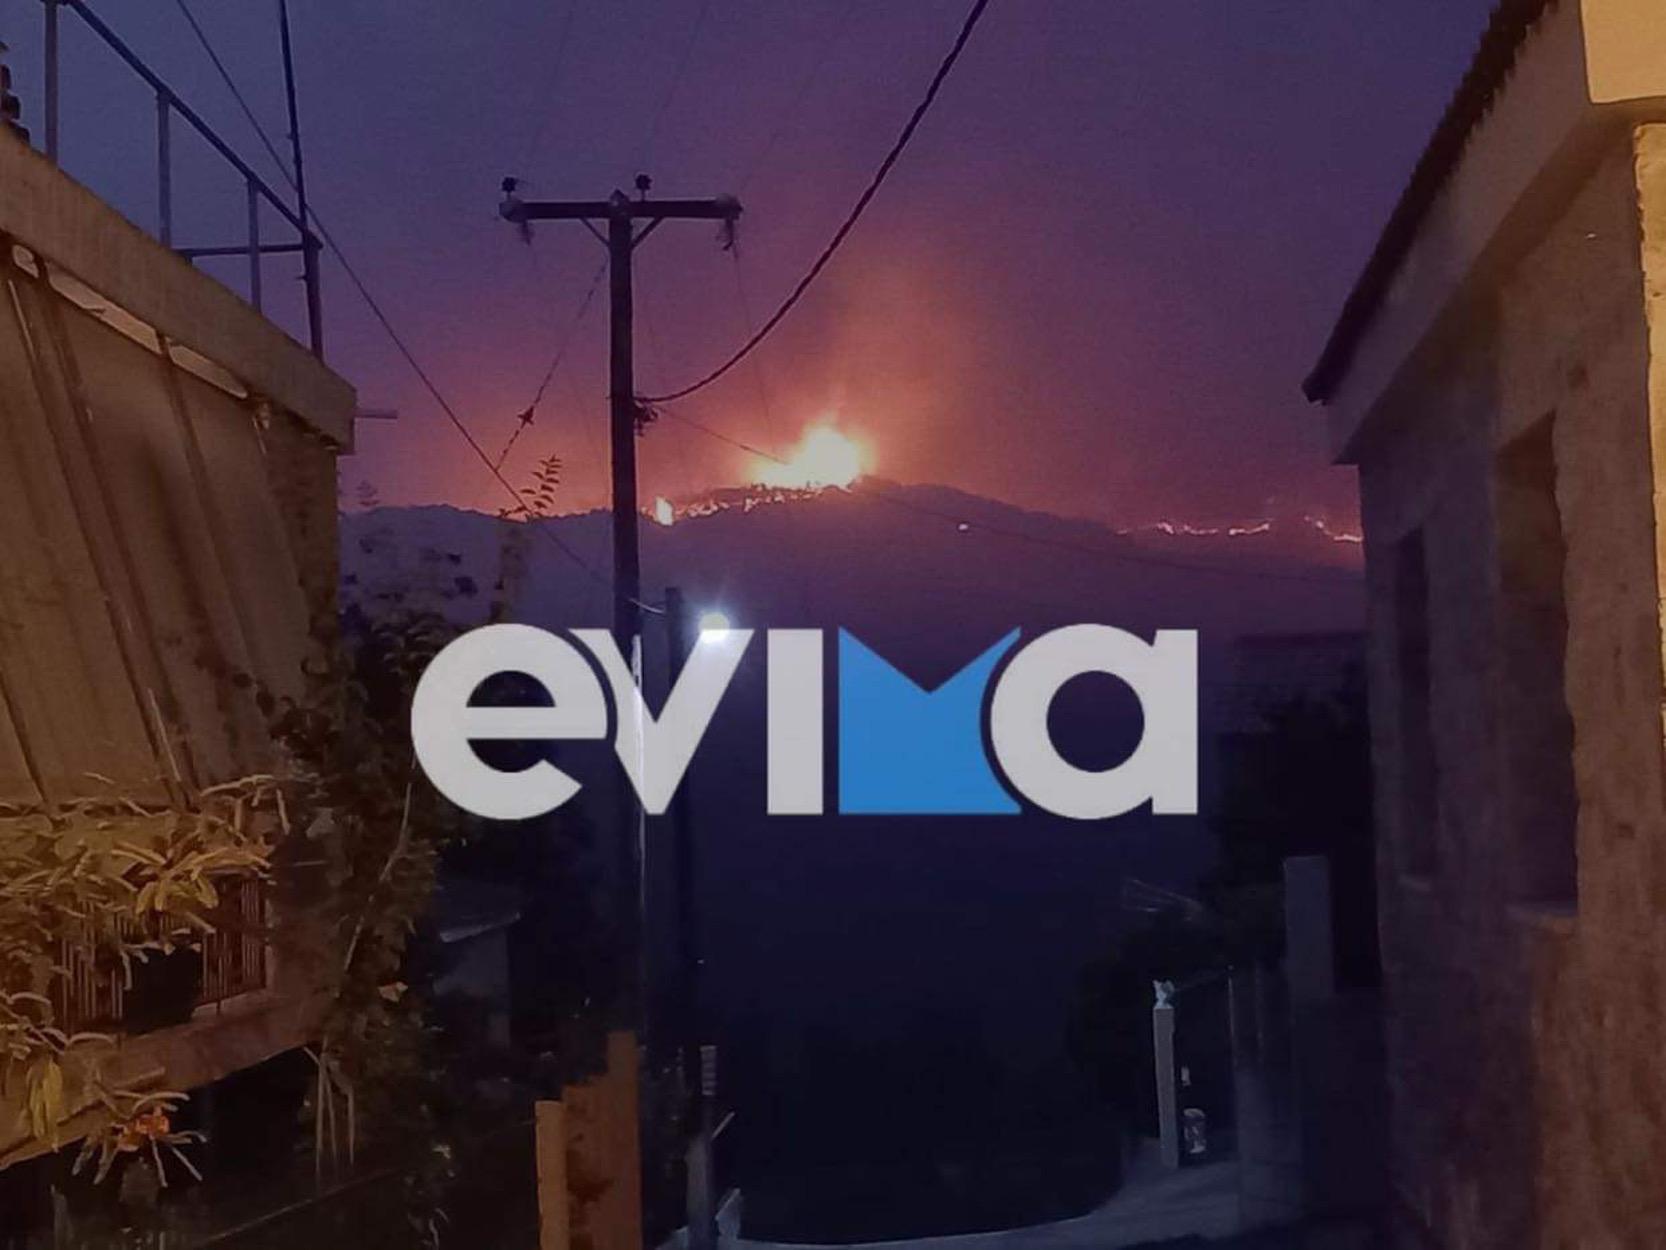 Φωτιά στην Εύβοια: Εκατοντάδες απεγκλωβισμοί πολιτών – Μάχη να μην φτάσουν στο Μαντούδι οι φλόγες